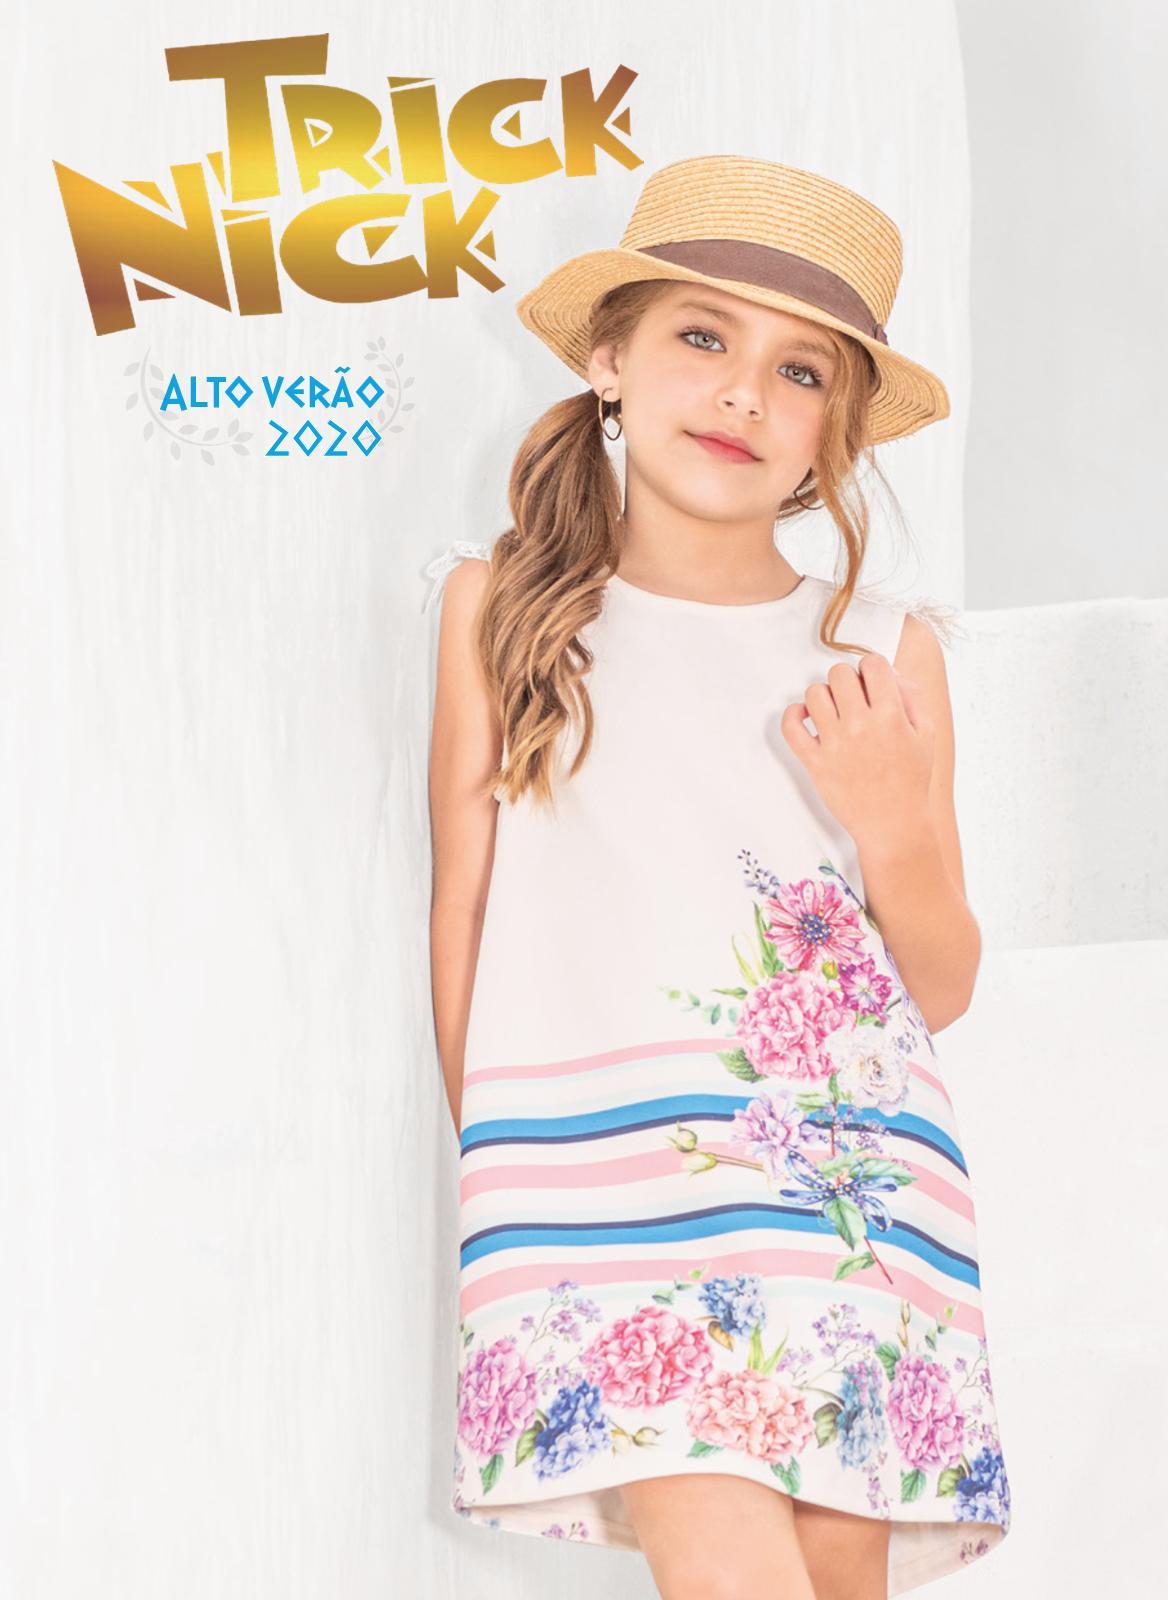 Trick Nick Alto Verão 2020